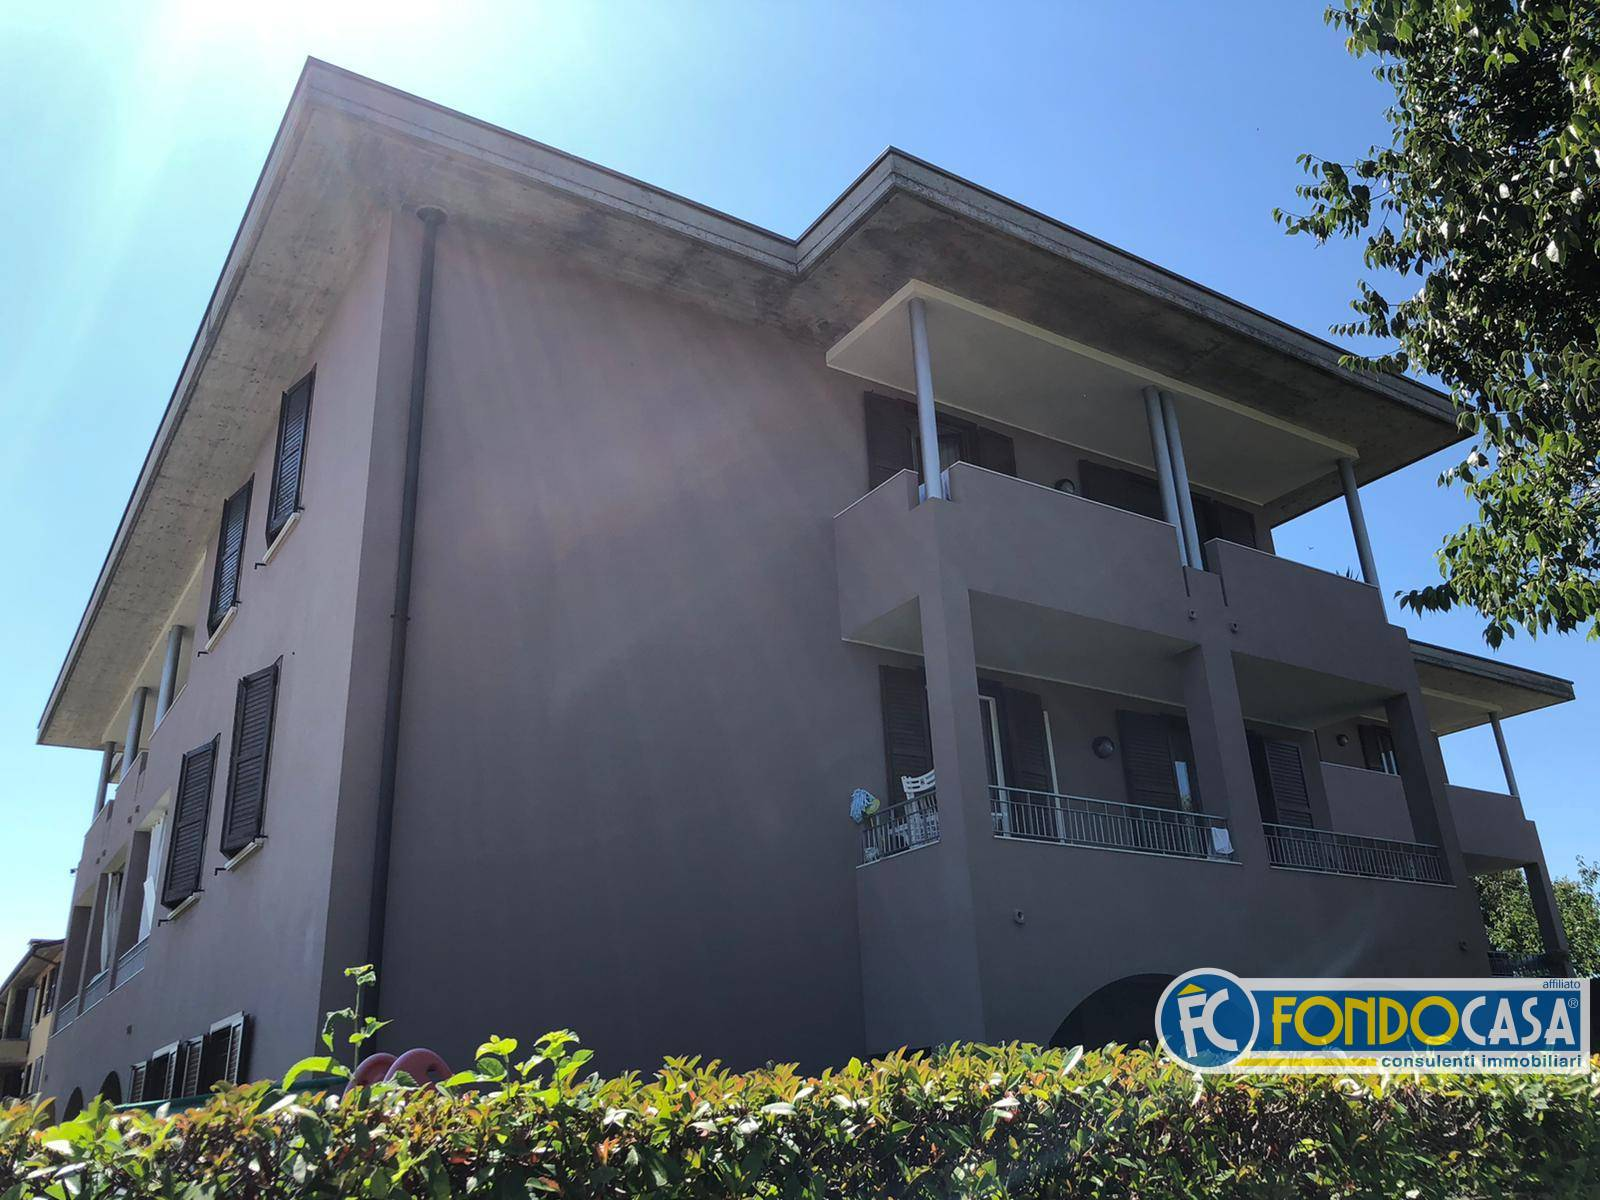 Appartamento in vendita a Montichiari, 3 locali, prezzo € 124.900 | PortaleAgenzieImmobiliari.it